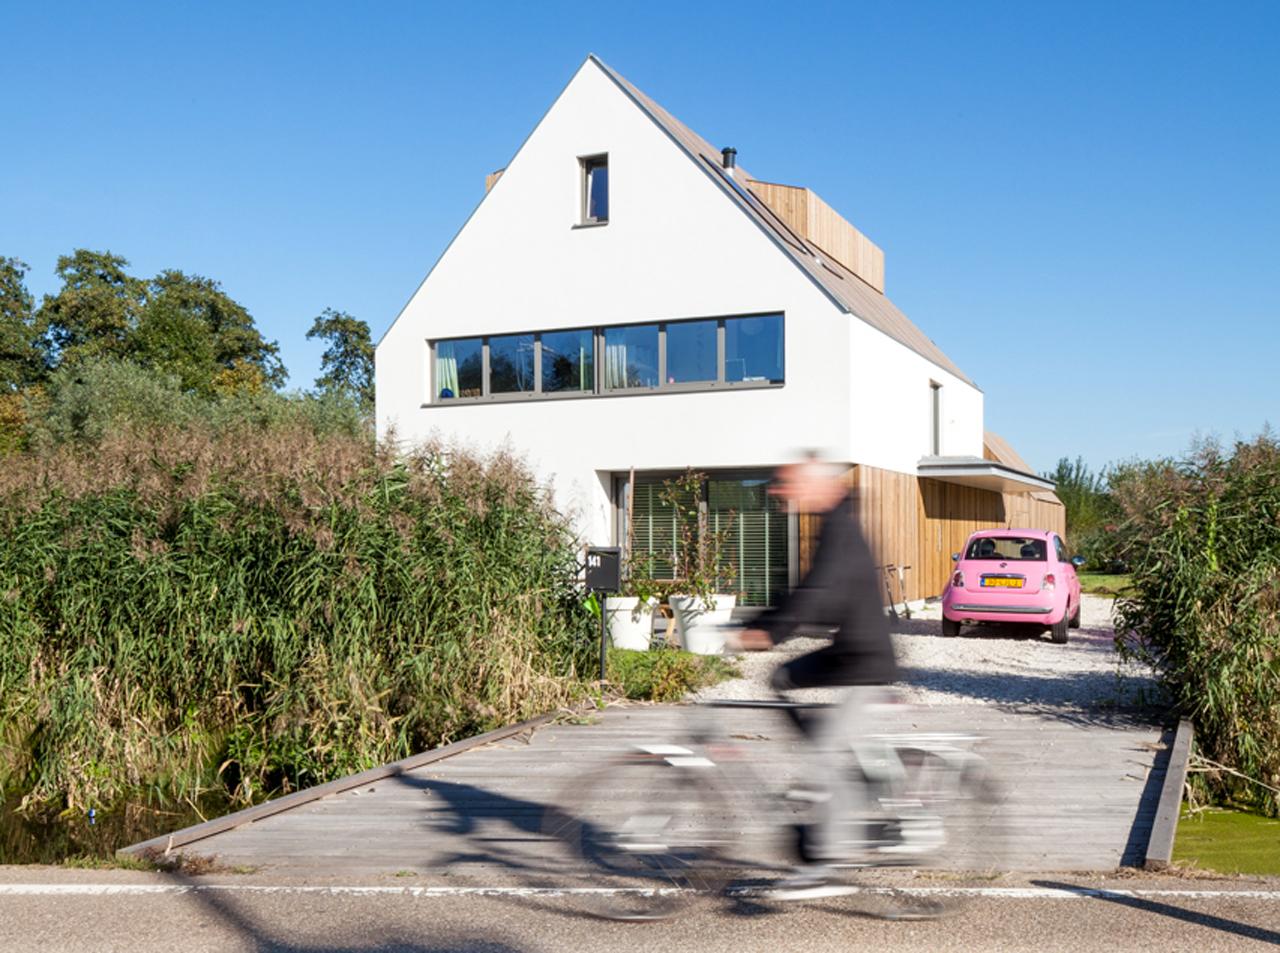 Okiem architekta – dom nad wodą / Équipe voor architectuur en urbanisme